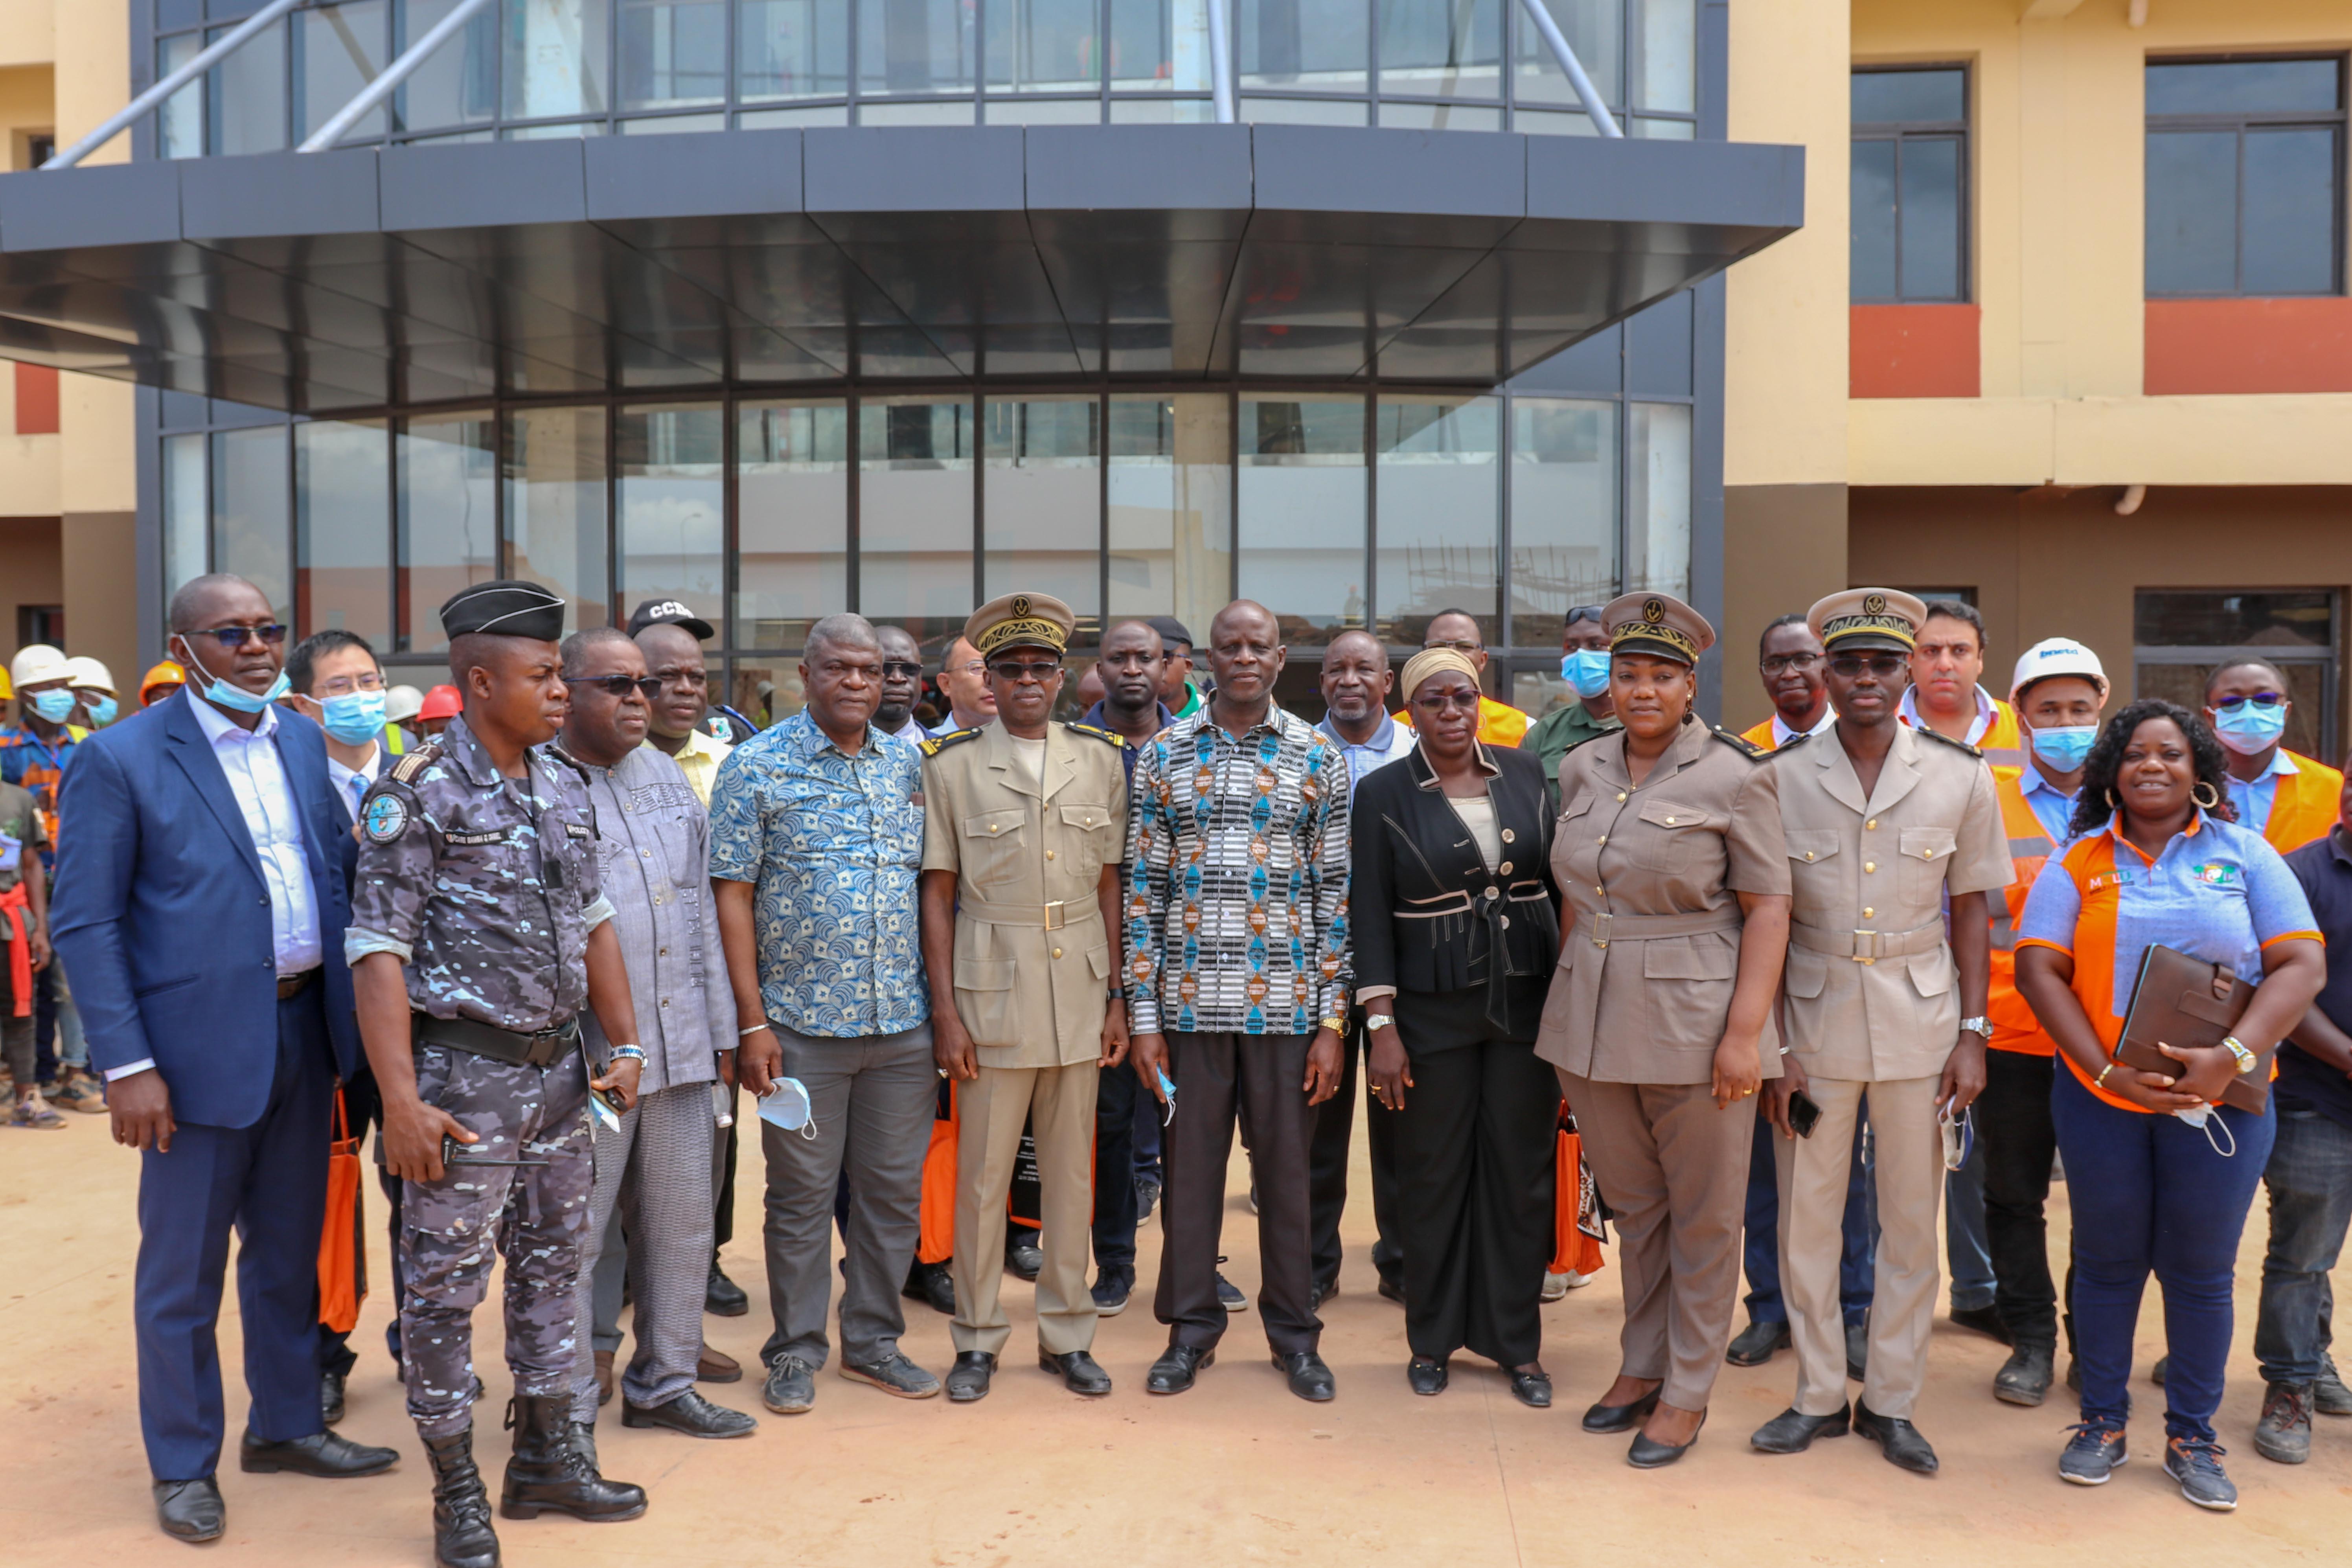 Le Ministre ivoirien Adama Diawara annonce l'ouverture de l'université de San-Pedro courant dernier trimestre 2021